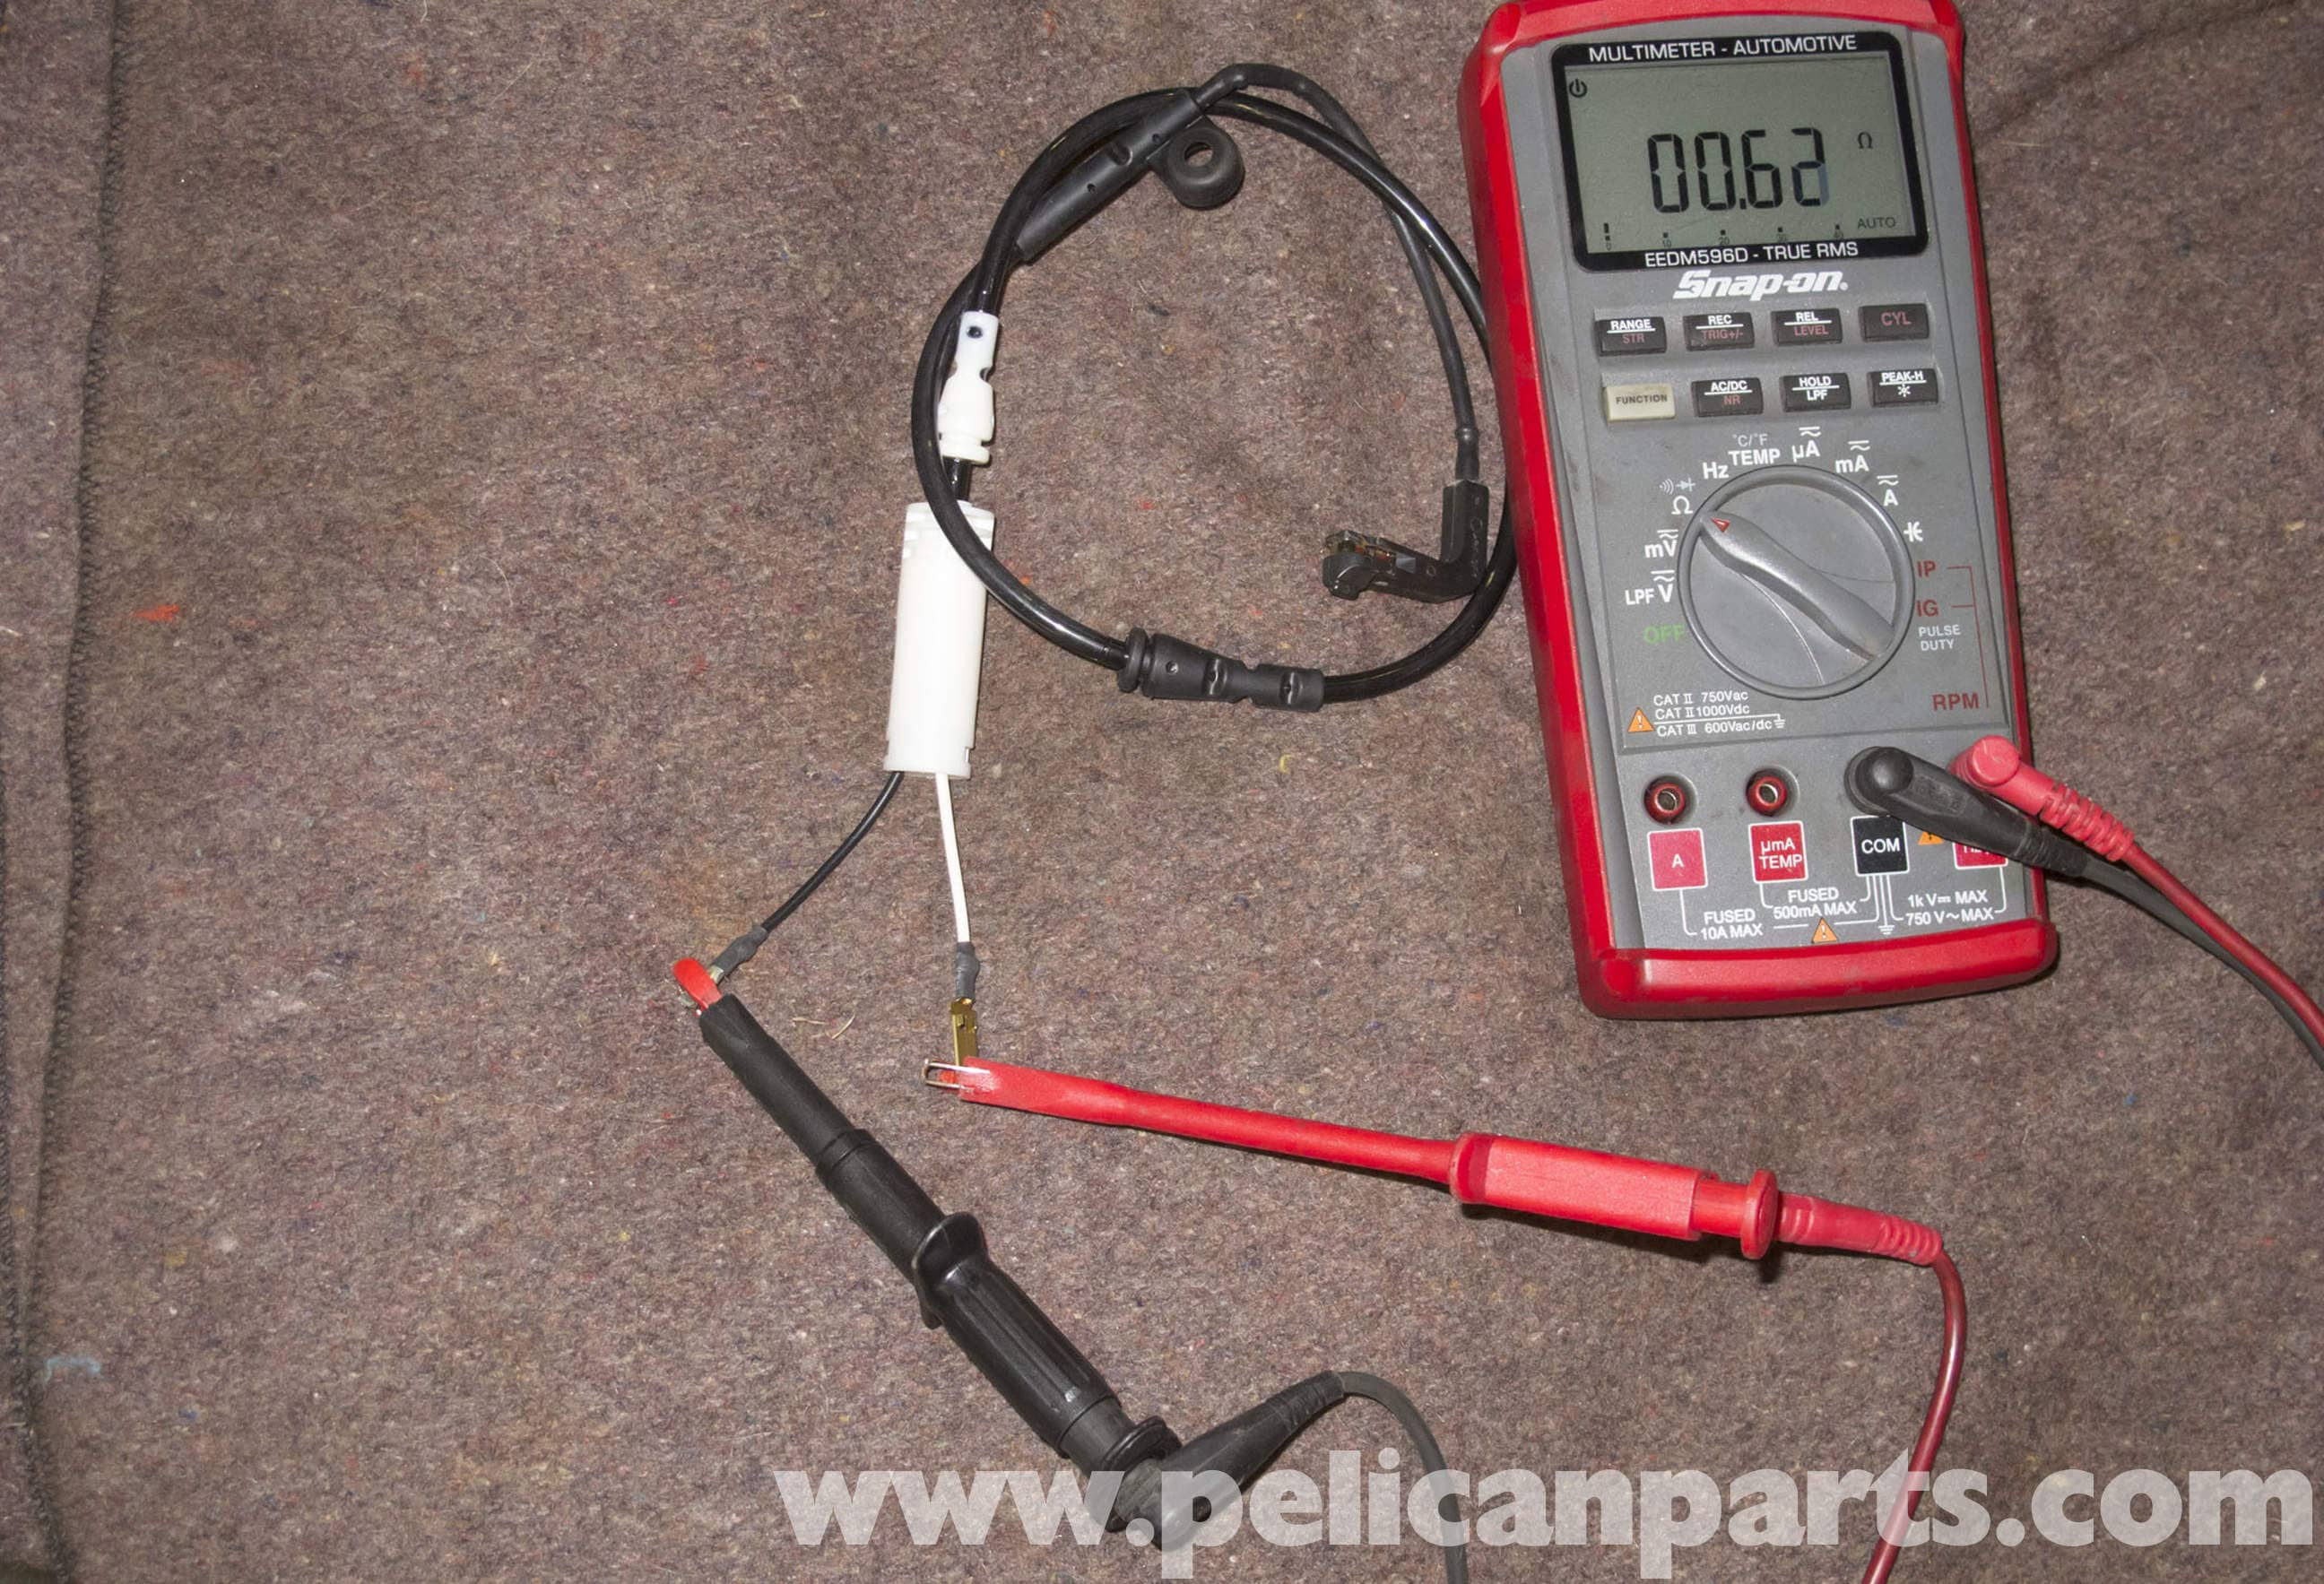 2008 Mini Cooper Brake Sensor Wiring Diagram 05 Brakes R56 Pad Testing 2007 2011 Pelican Parts